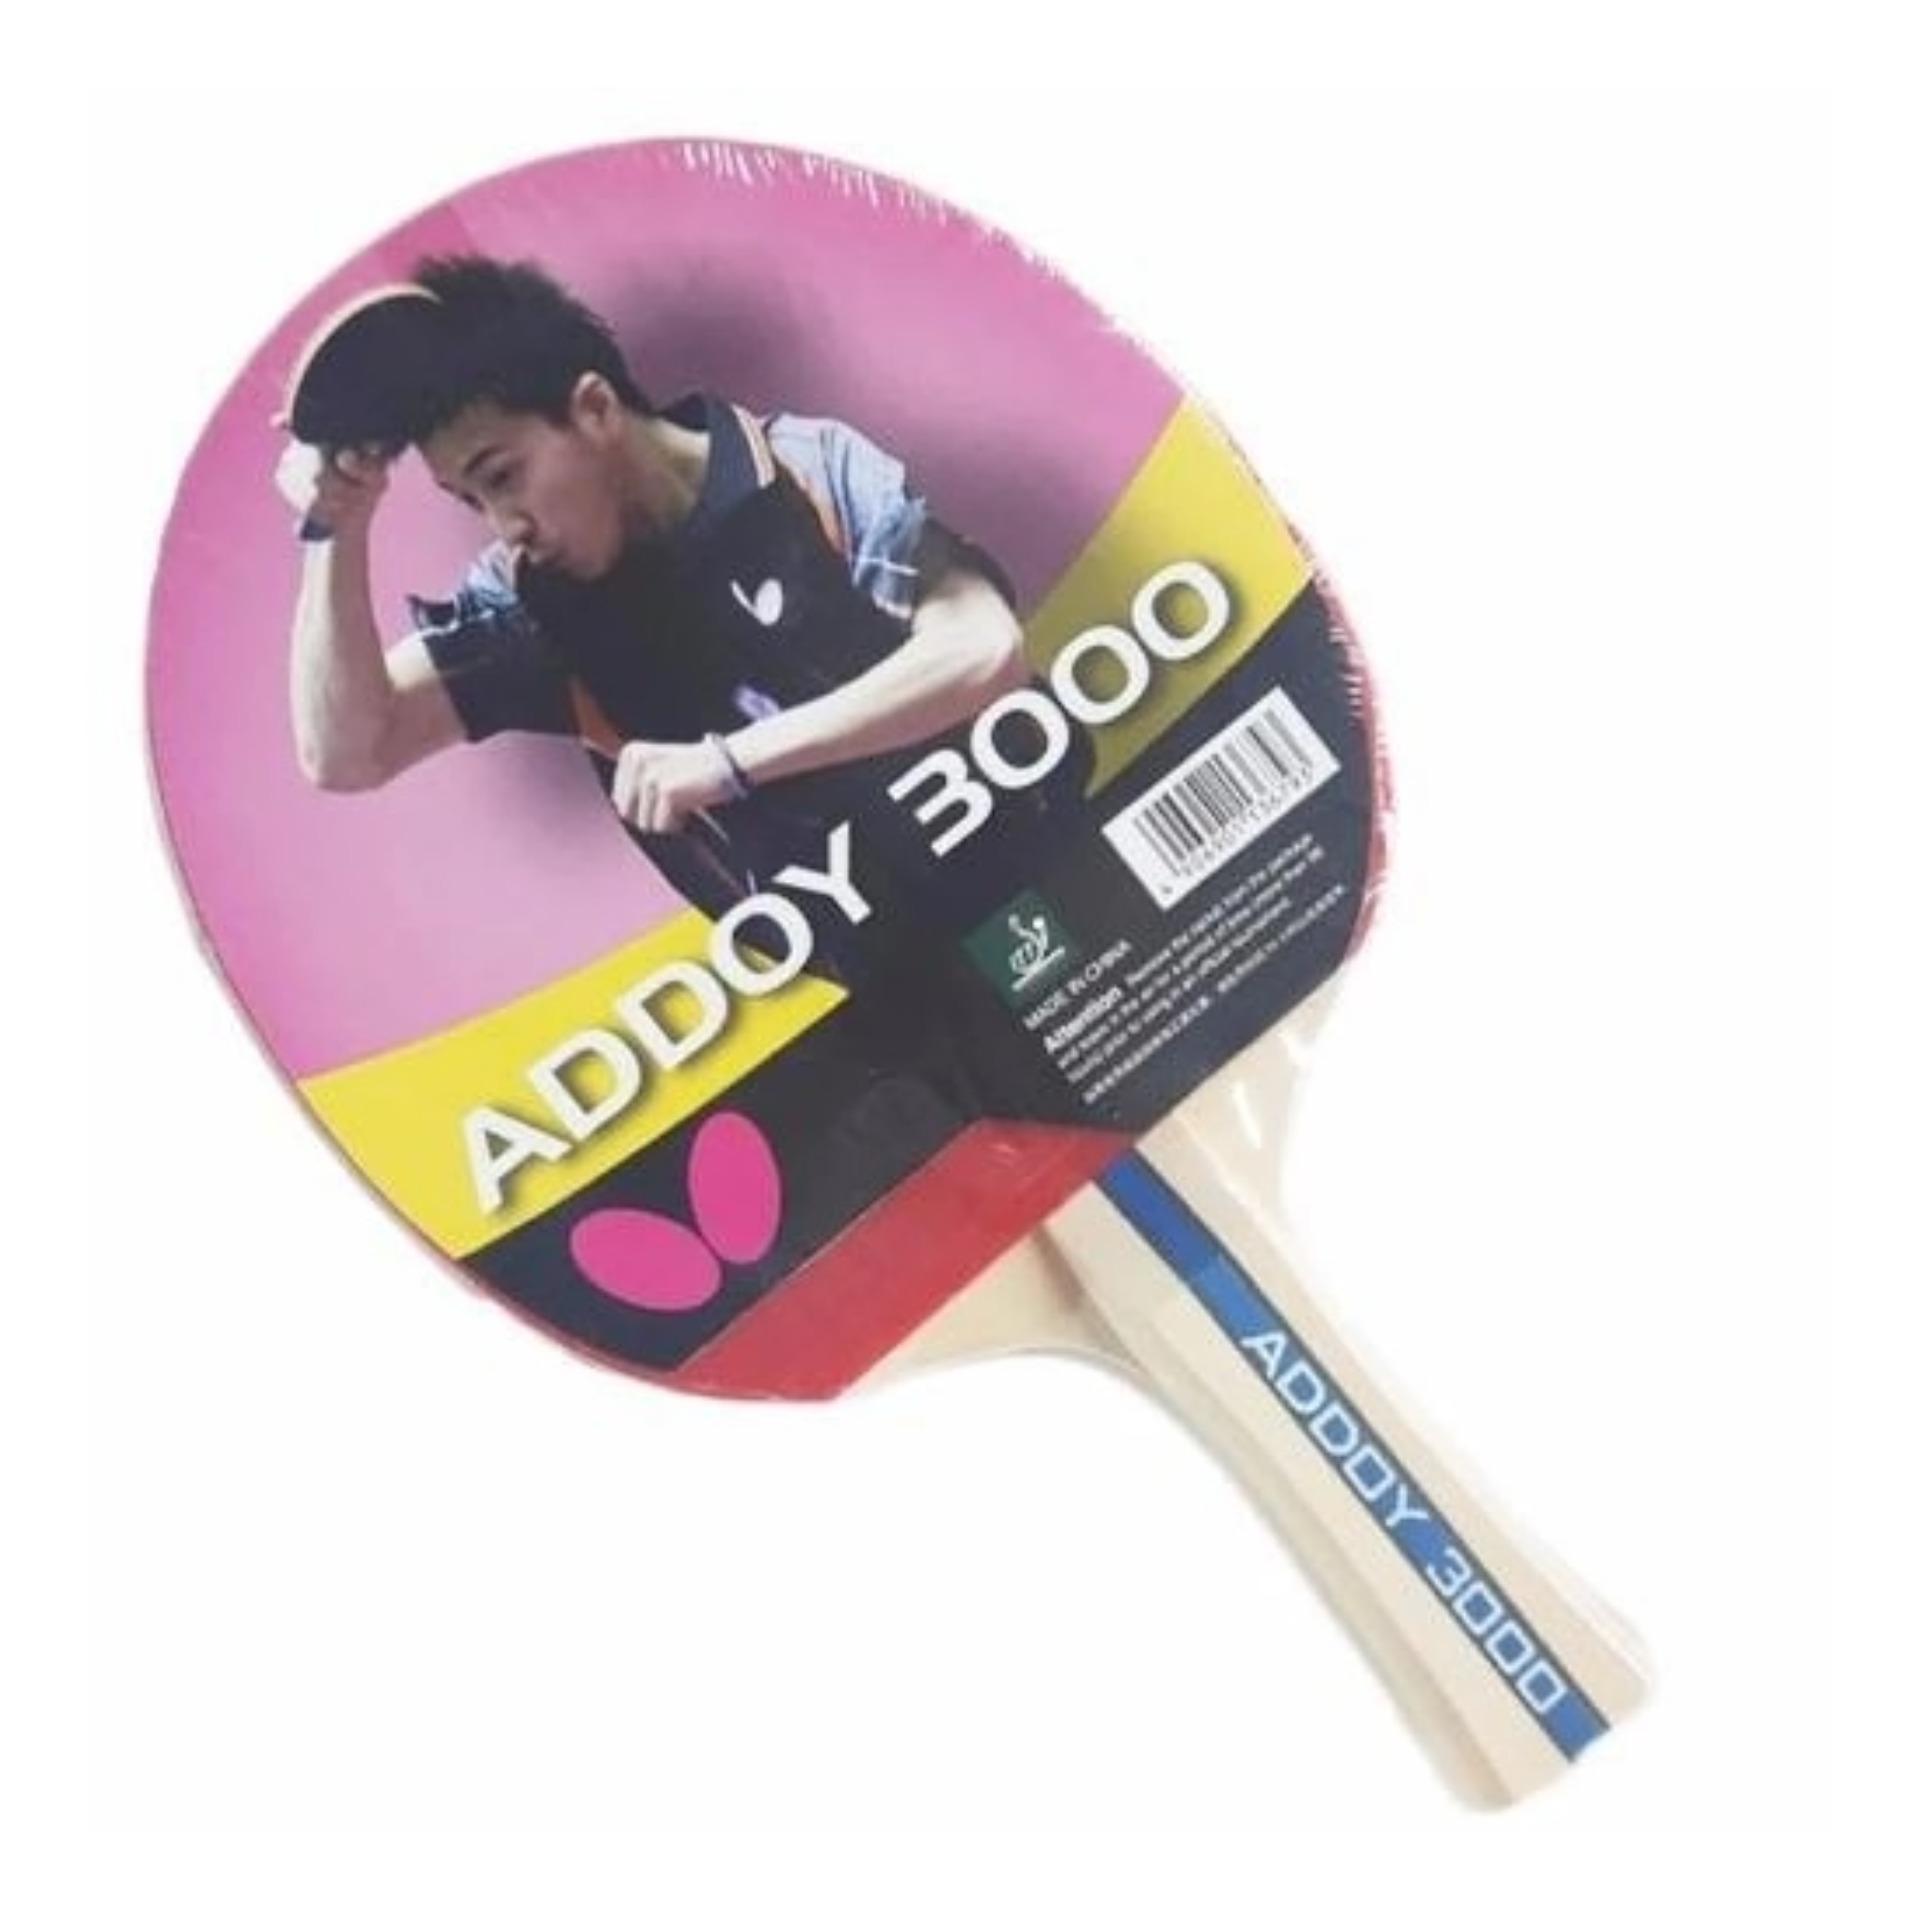 Vợt bóng bàn Butterfly (Nhật Bản) Addoy 3000